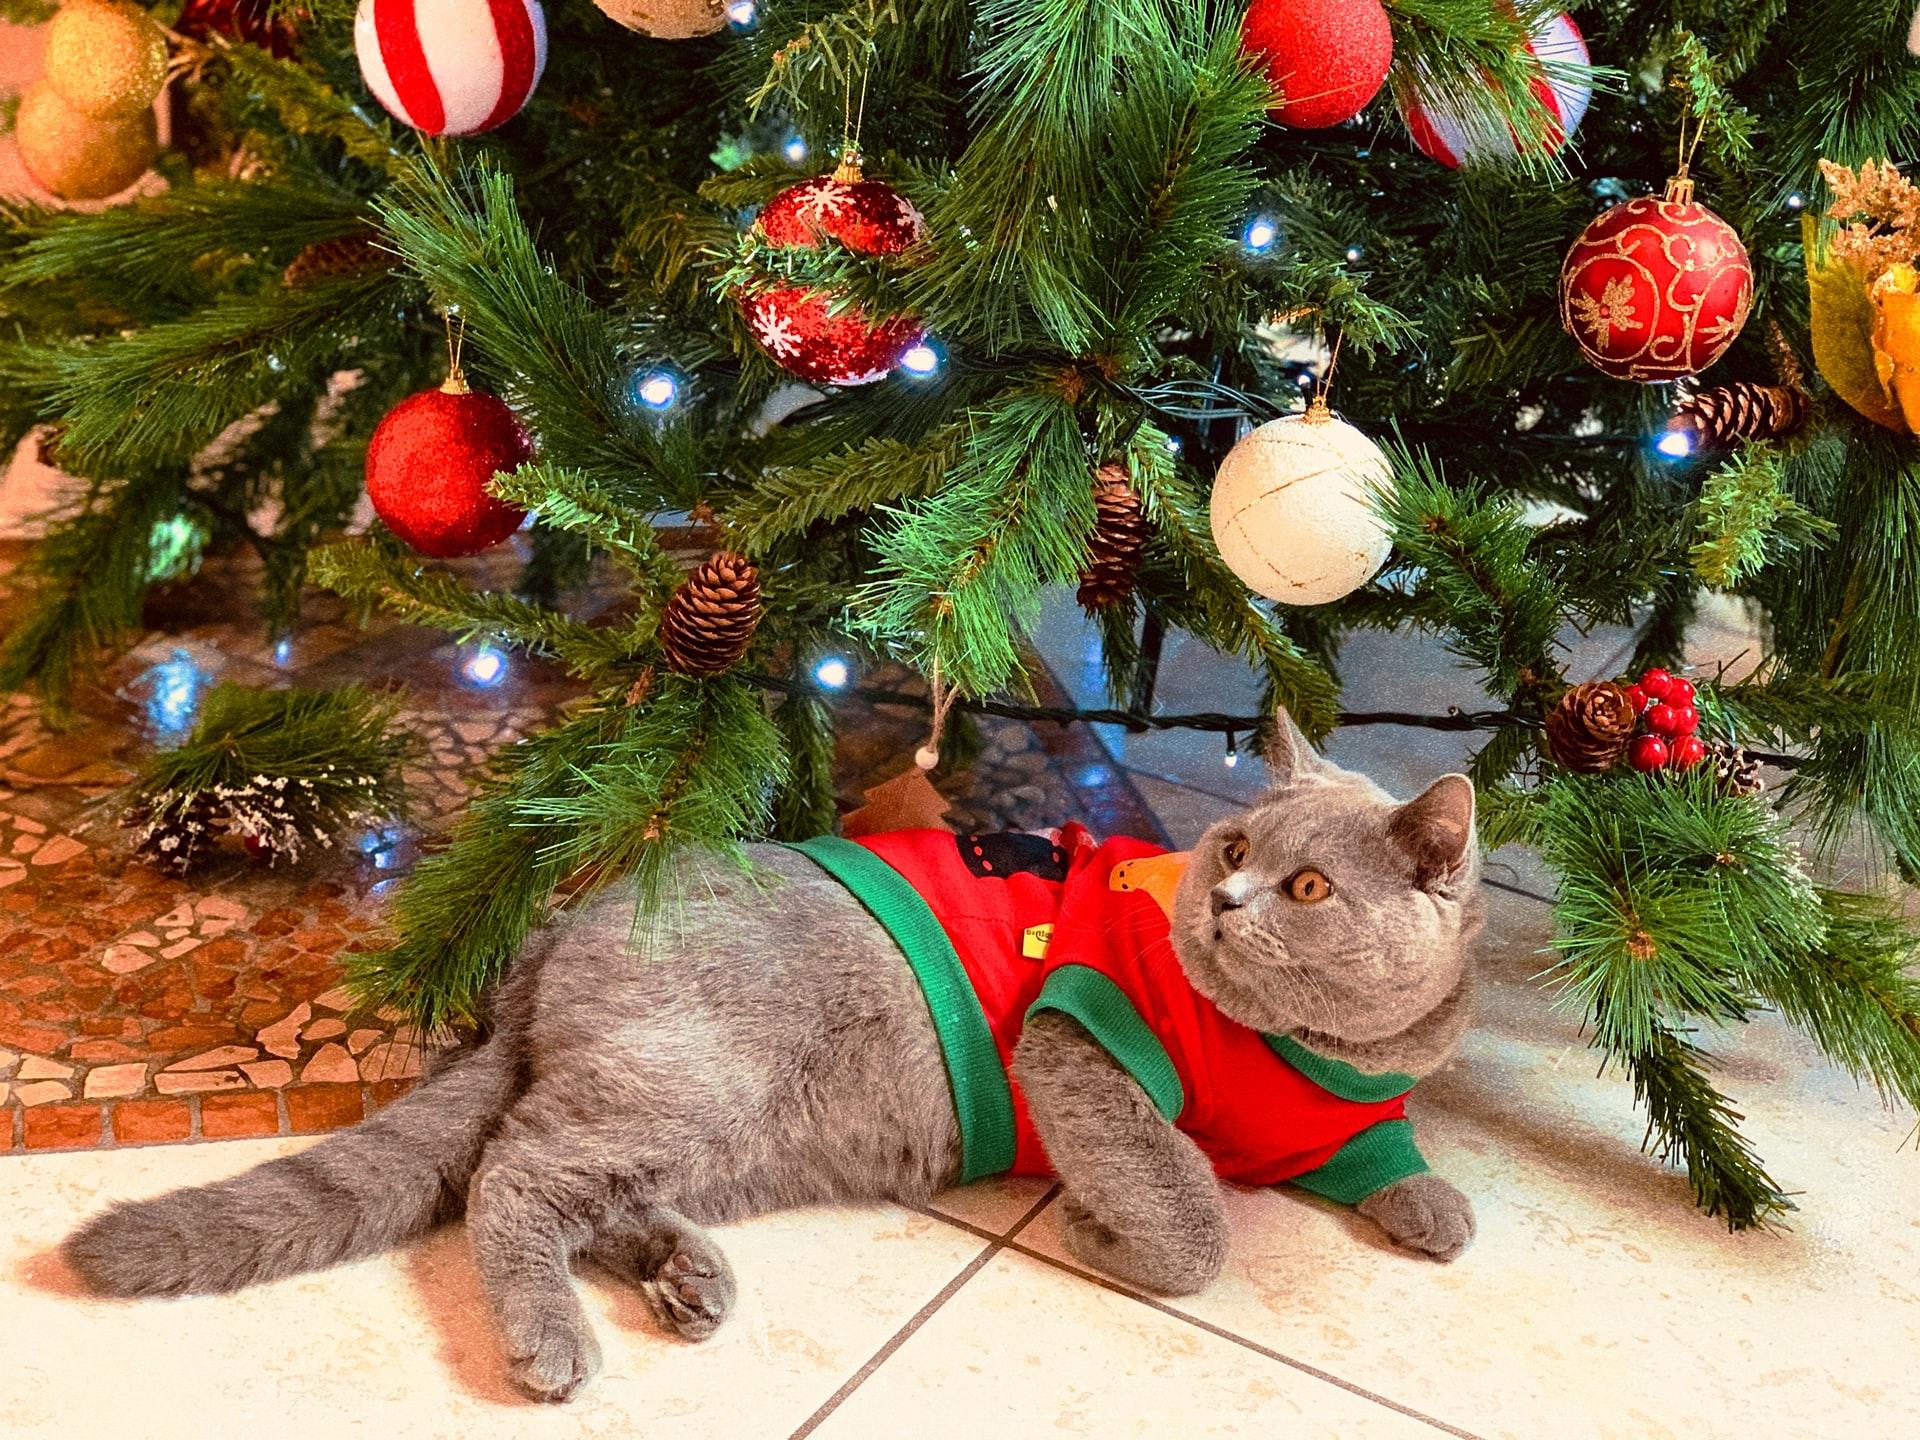 Chistes de navidad para contar en noche buena